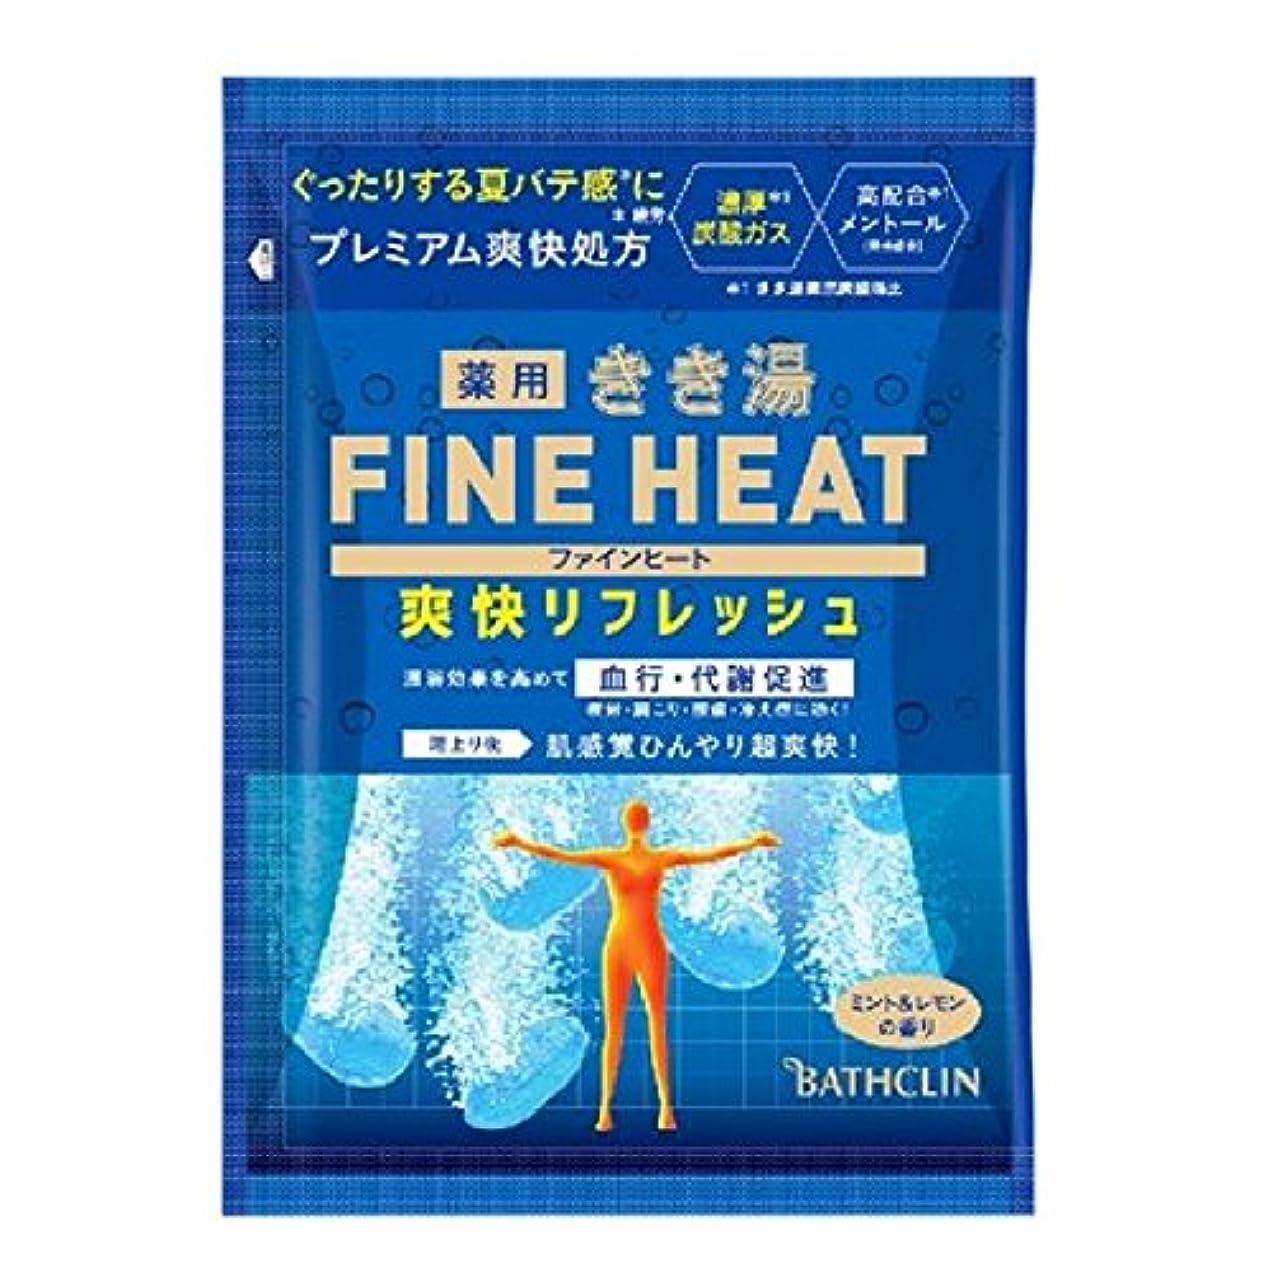 セント鮫乱用きき湯ファインヒート ファインヒート(FINE HEAT) 爽快リフレッシュ ミント&レモンの香り 50g